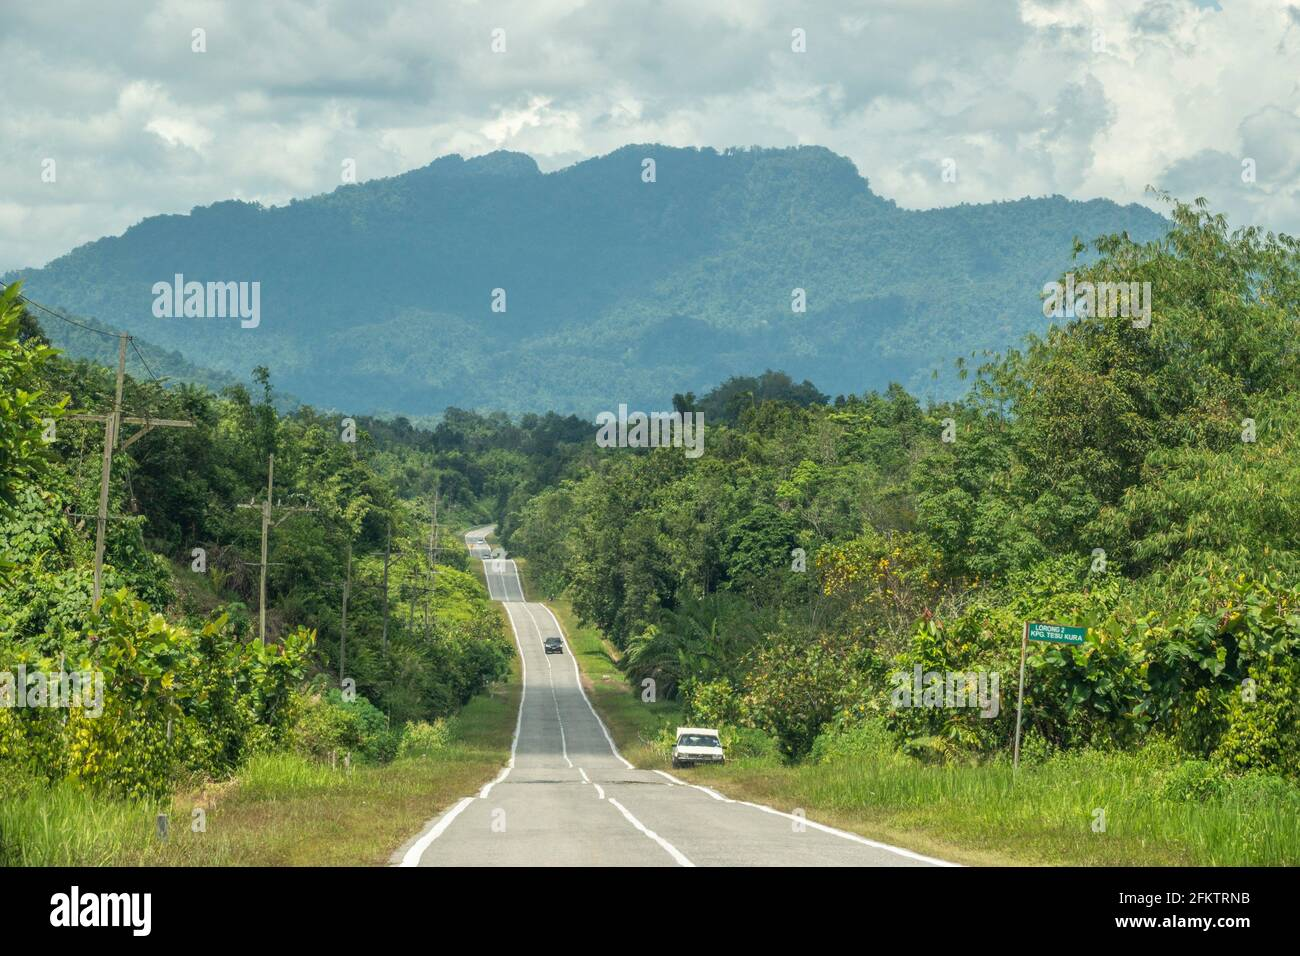 Route vers la ville de Tebedu, Serian, Sarawak, Malaisie orientale Banque D'Images